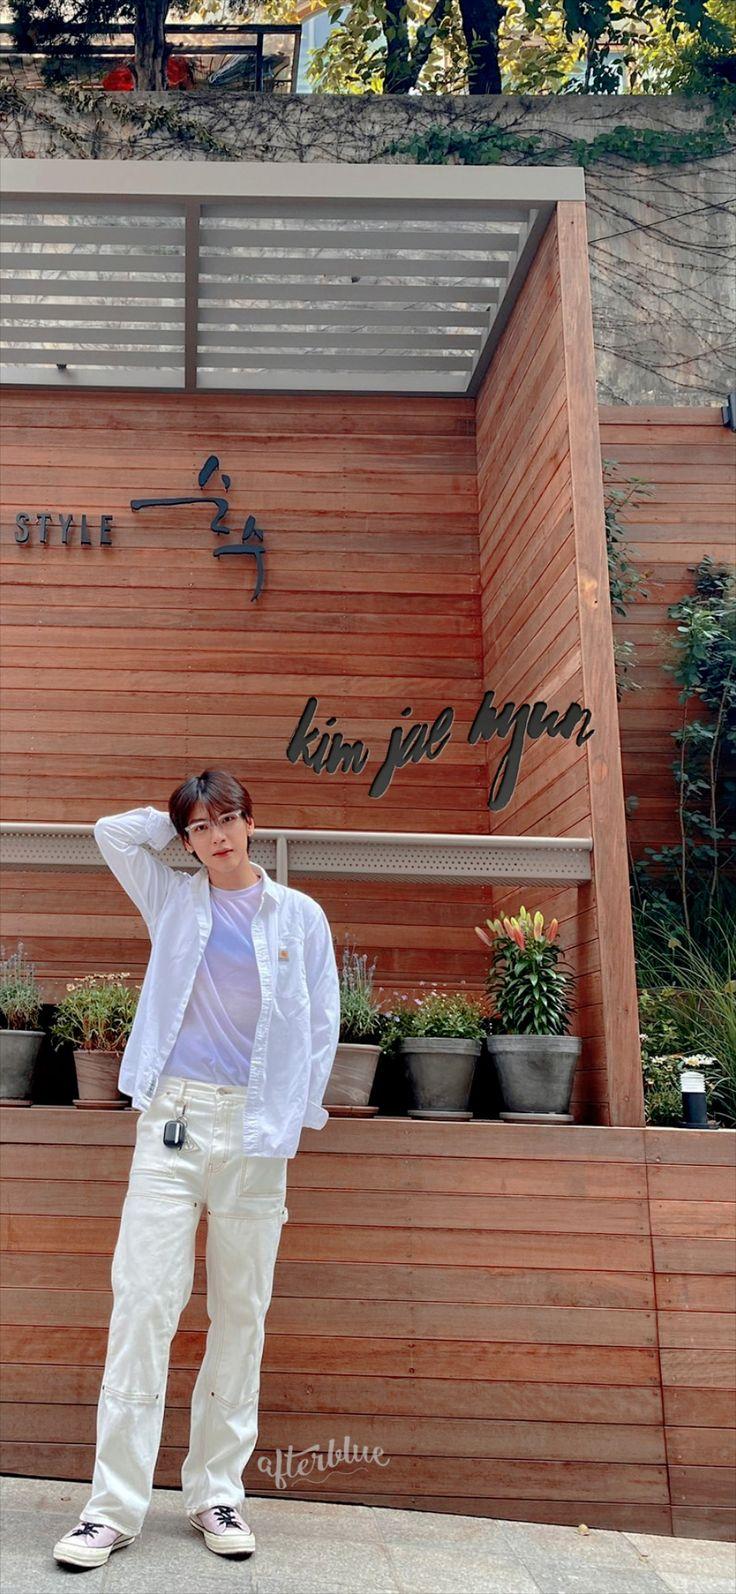 Kim Jae Hyun Of Nflying Phone Wallpaper In 2020 Phone